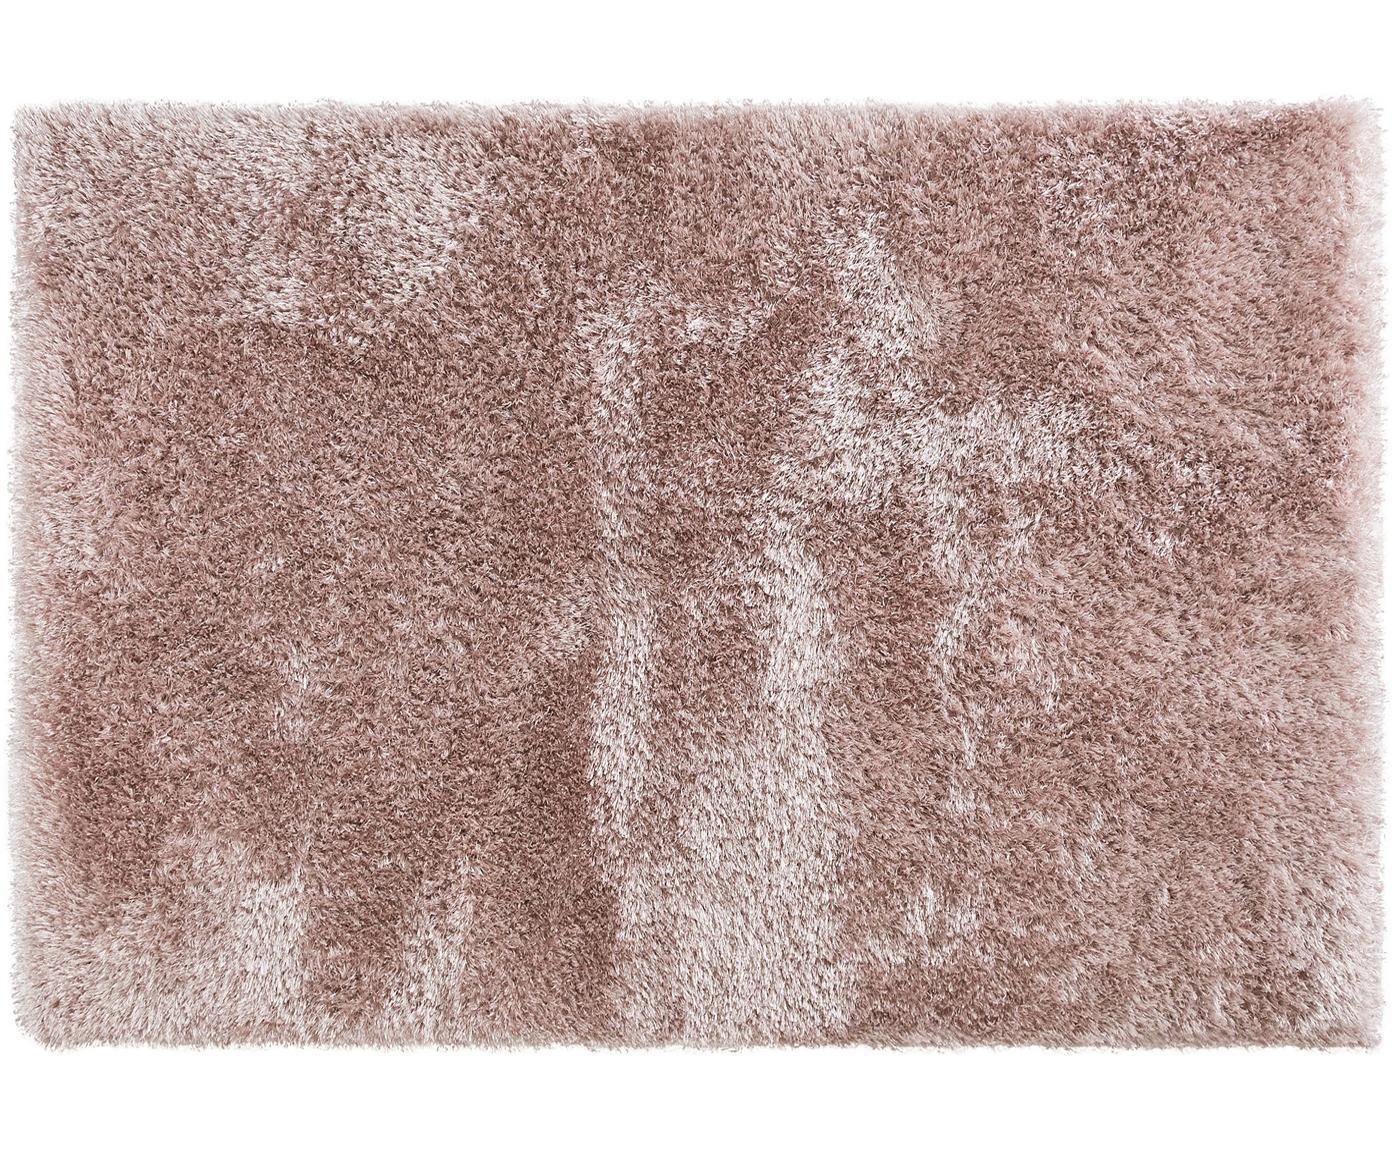 Glänzender Hochflor-Teppich Lea in Rosa, 50% Polyester, 50% Polypropylen, Rosa, B 140 x L 200 cm (Größe S)